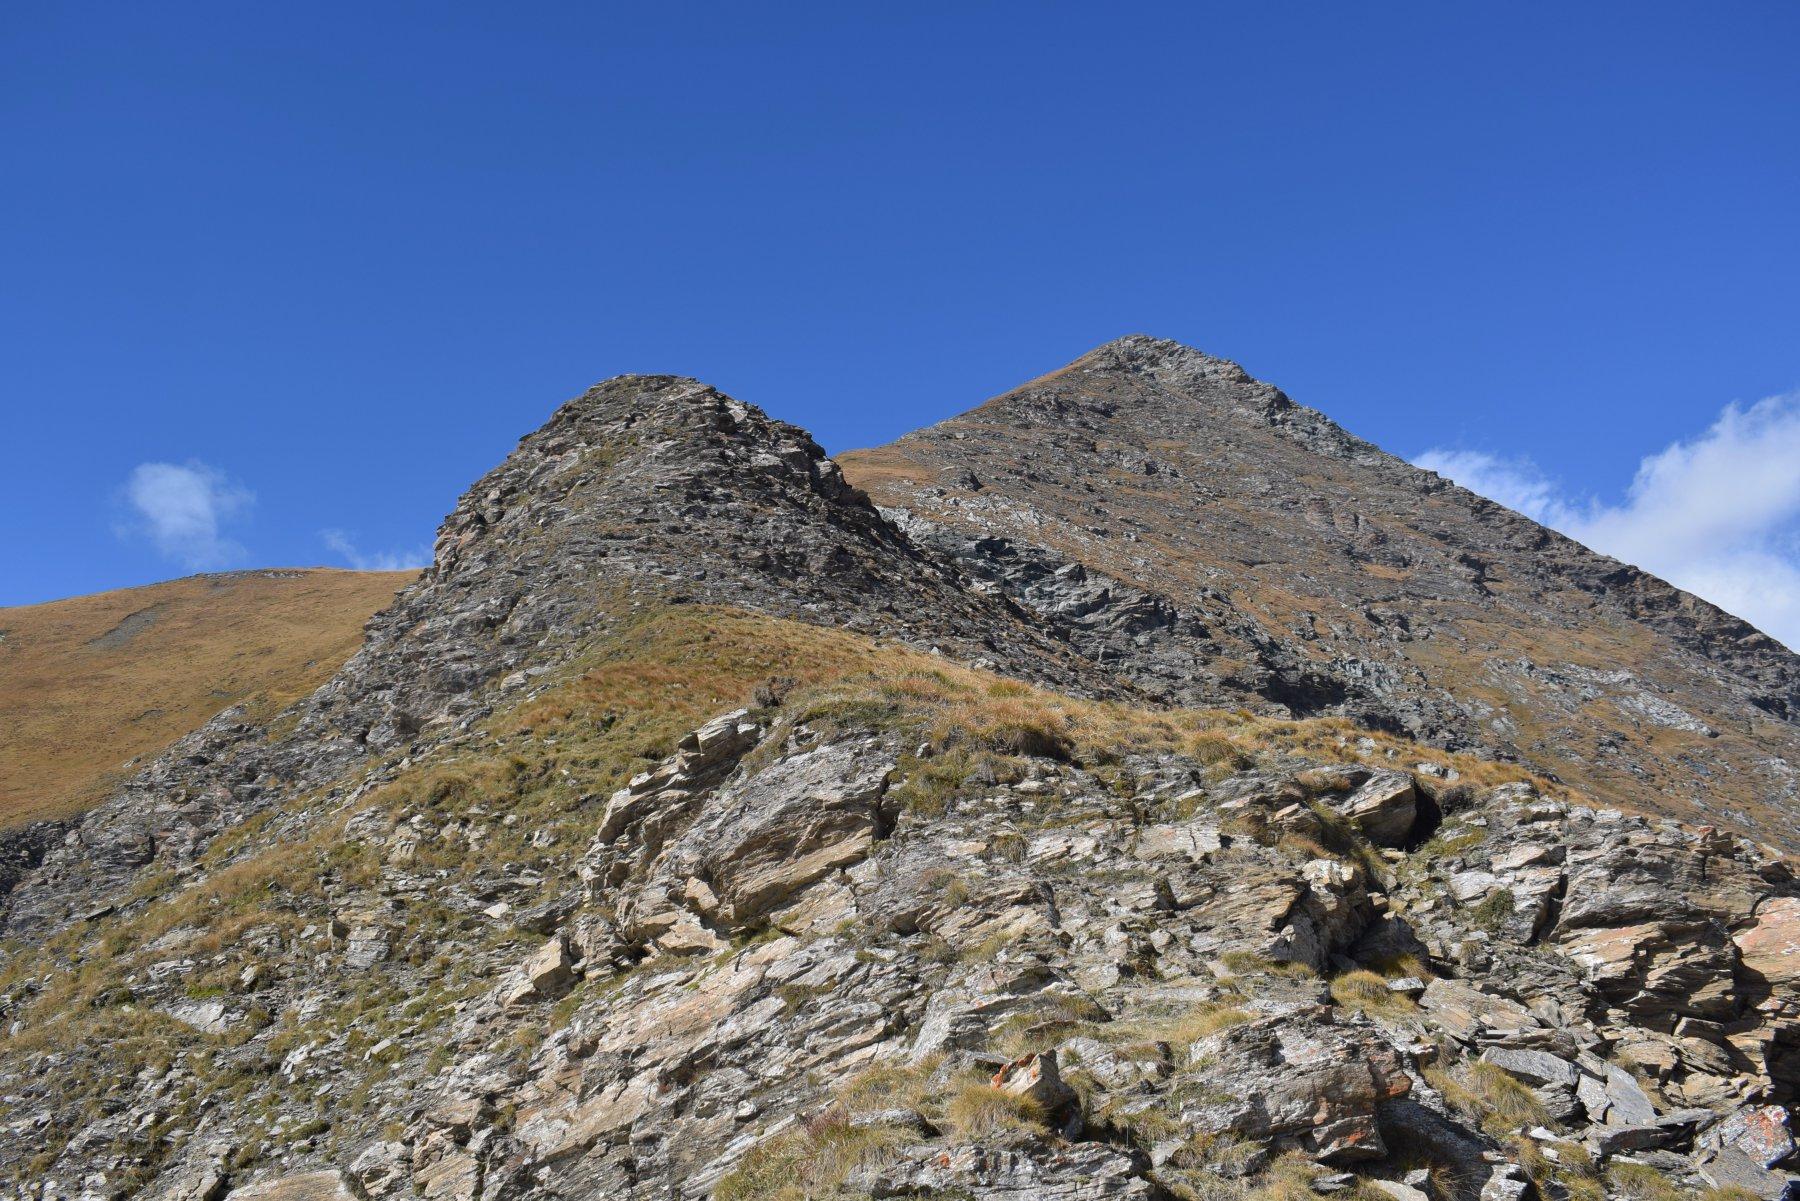 La cresta di salita, con al centro il risalto roccioso